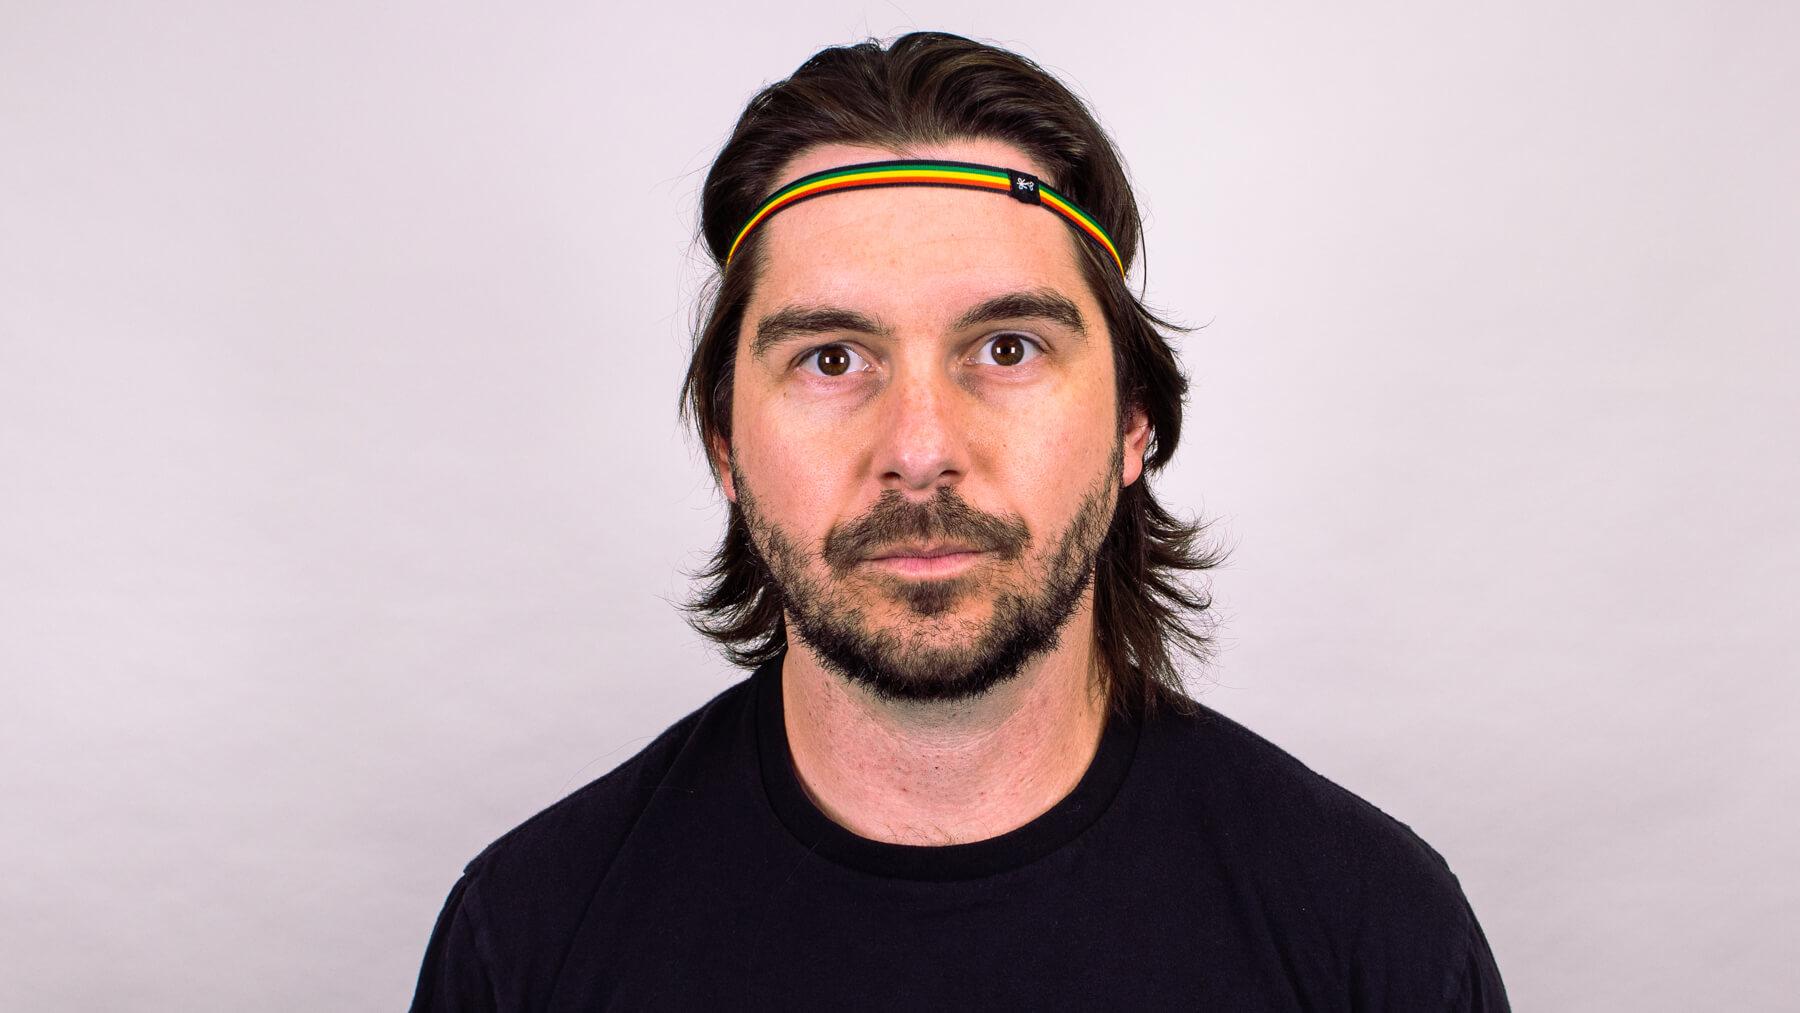 Thin headband front view